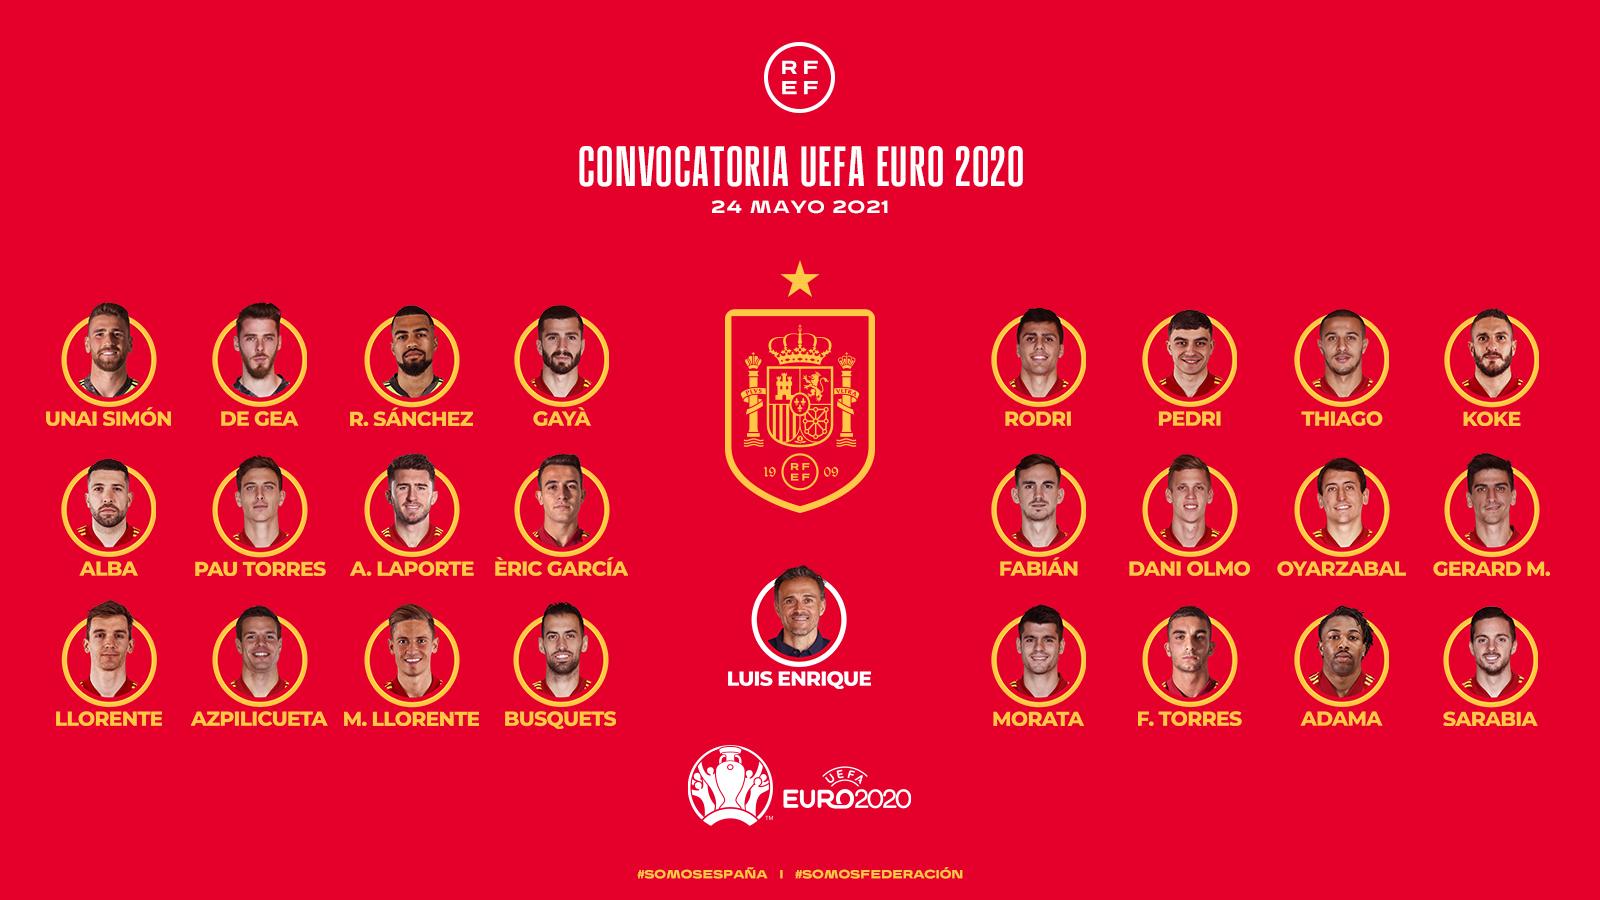 Danh sách 24 cầu thủ Tây Ban Nha dự Euro 2020, nhưng mỗi trận chỉ có tối đa 23 cầu thủ được đăng ký thi đấu.